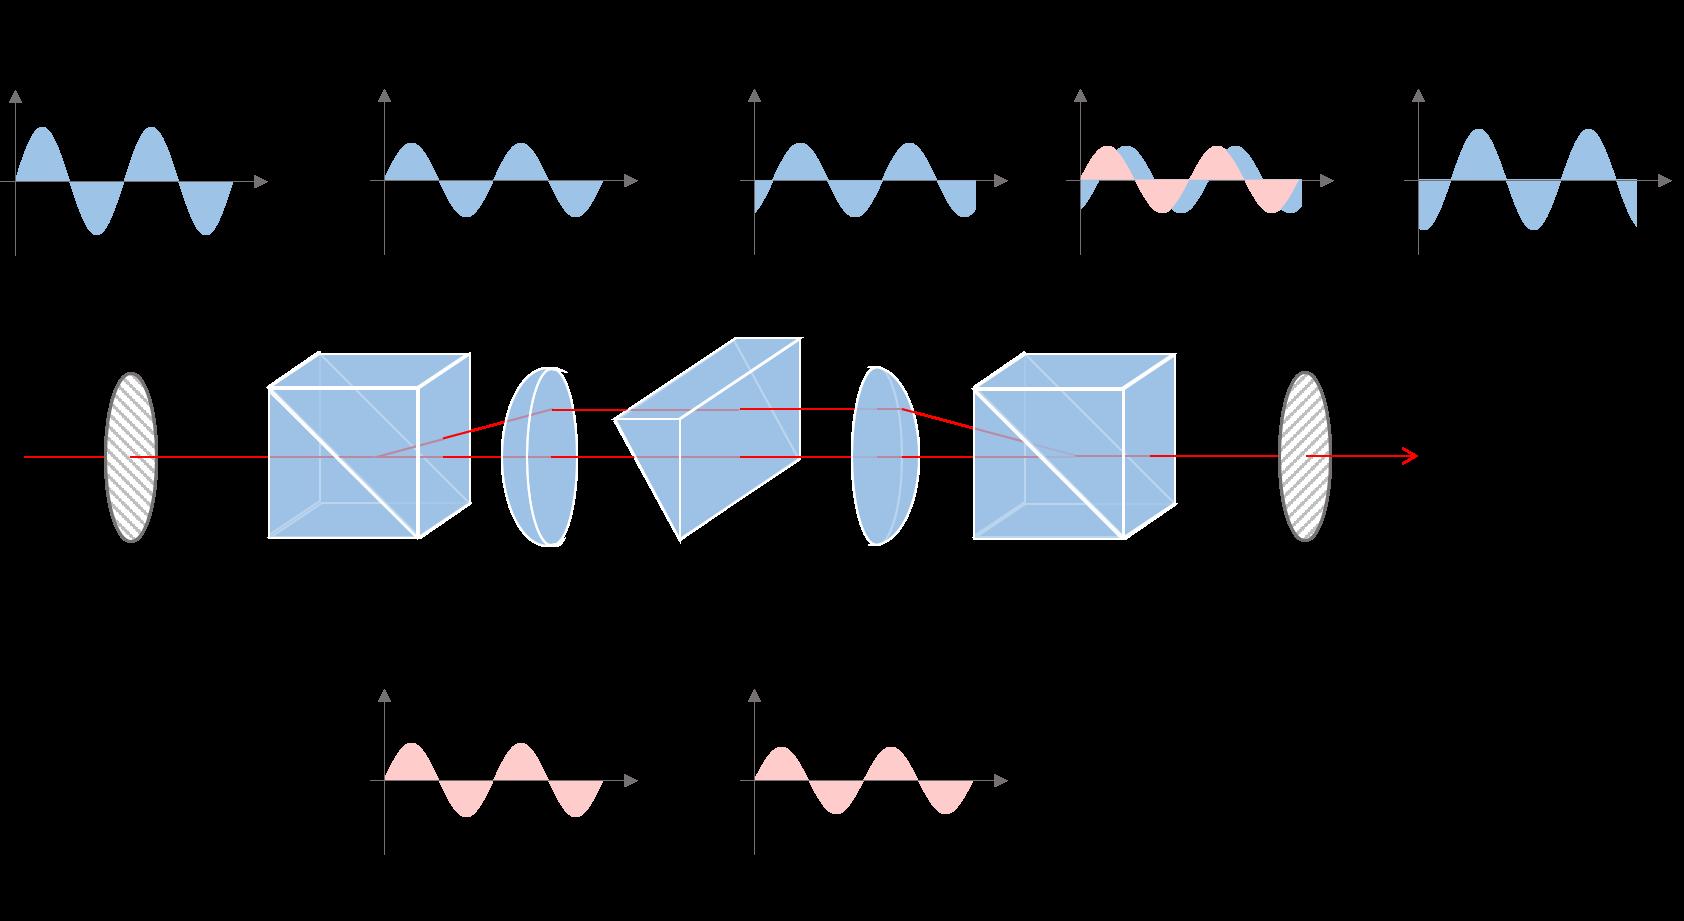 共焦点図3